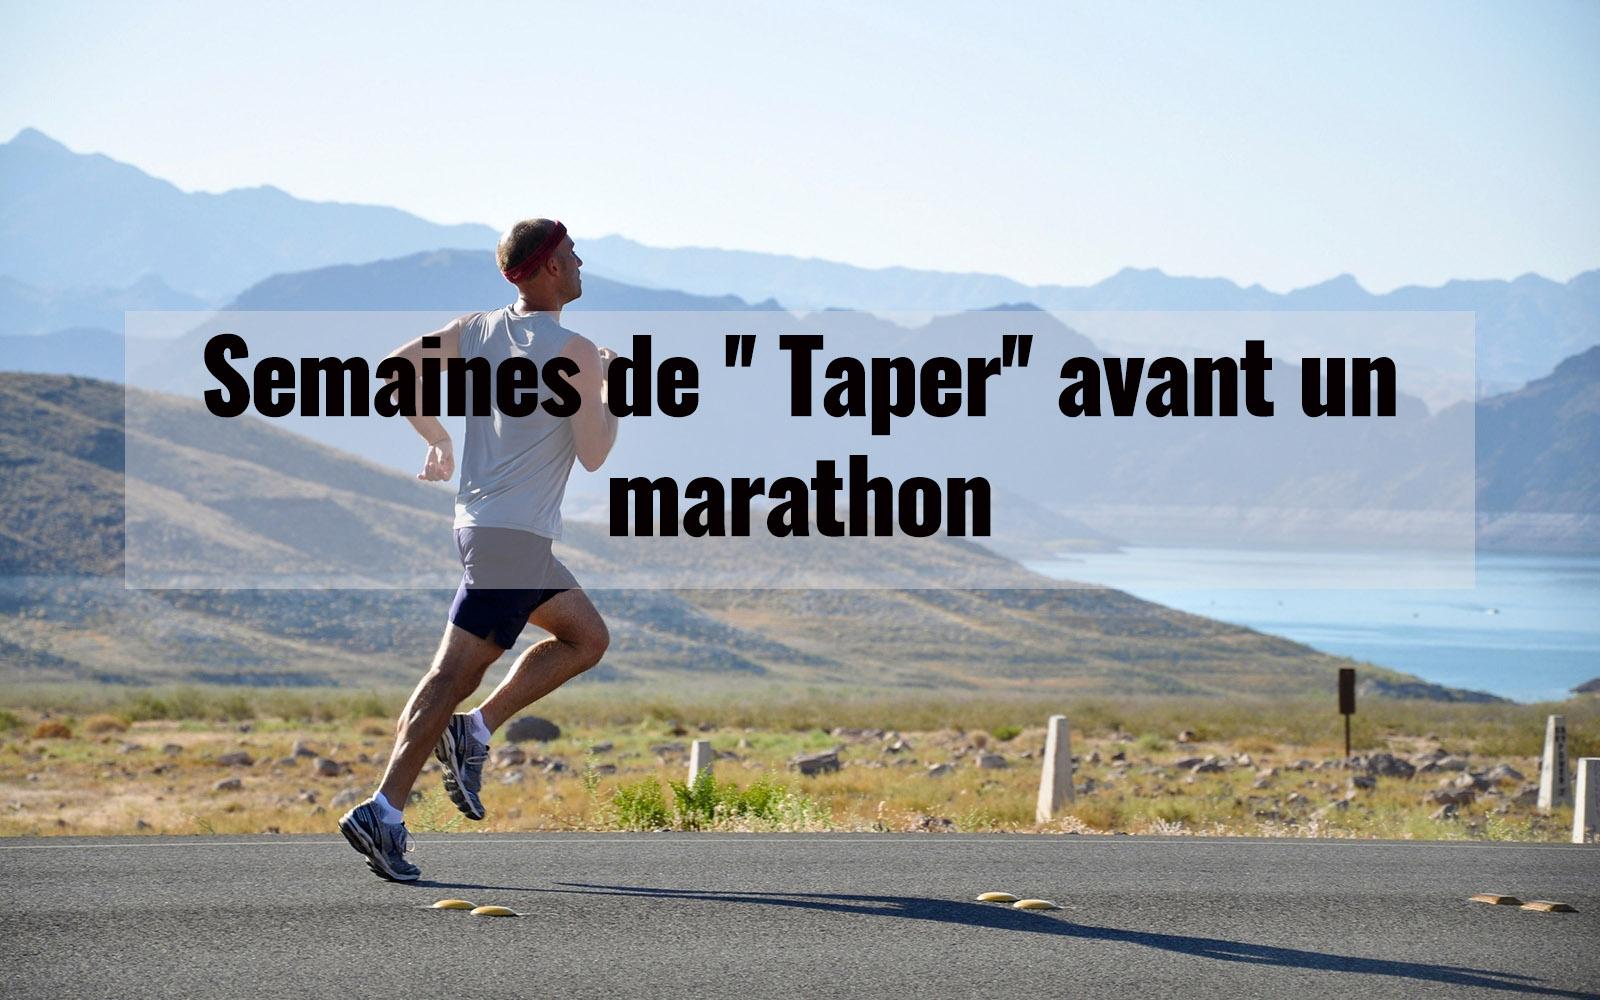 Semaine de taper avant un marathon